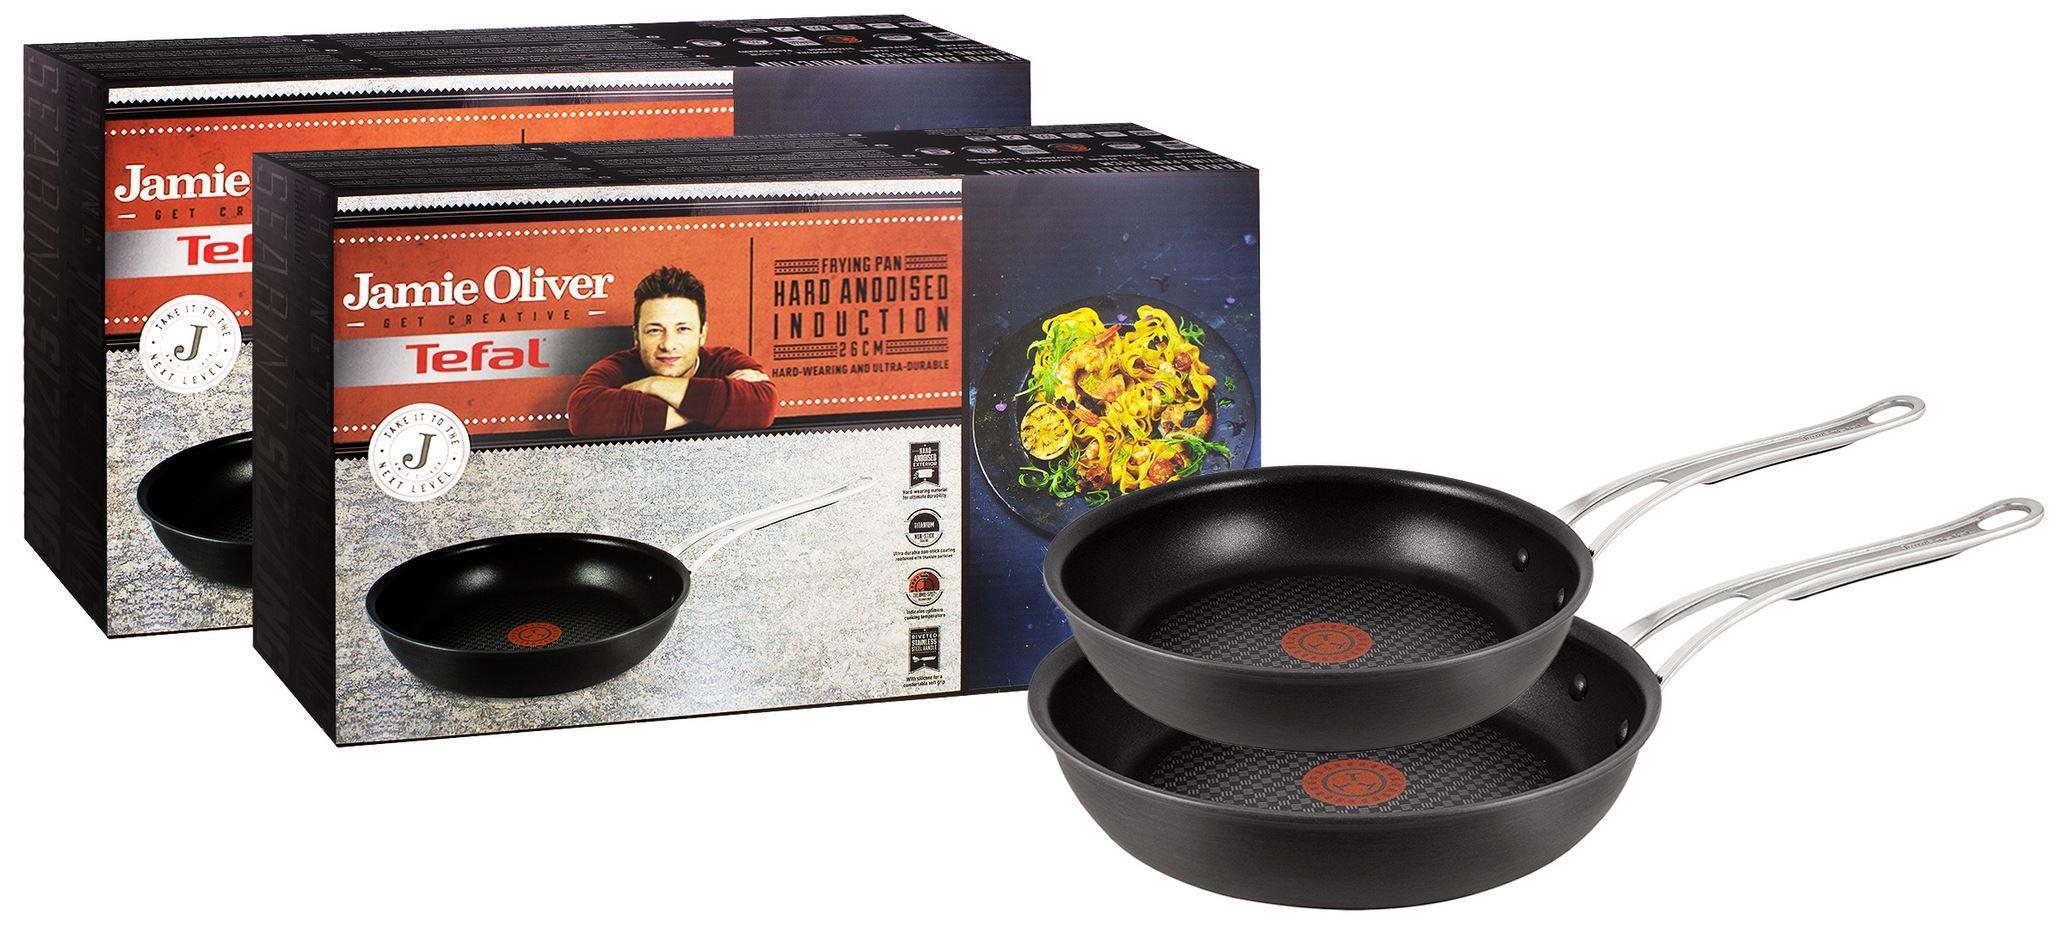 Tefal Jamie Oliver Hart eloxierte Bratpfannen 24 und 26cm für 64,90€ (statt 99€)